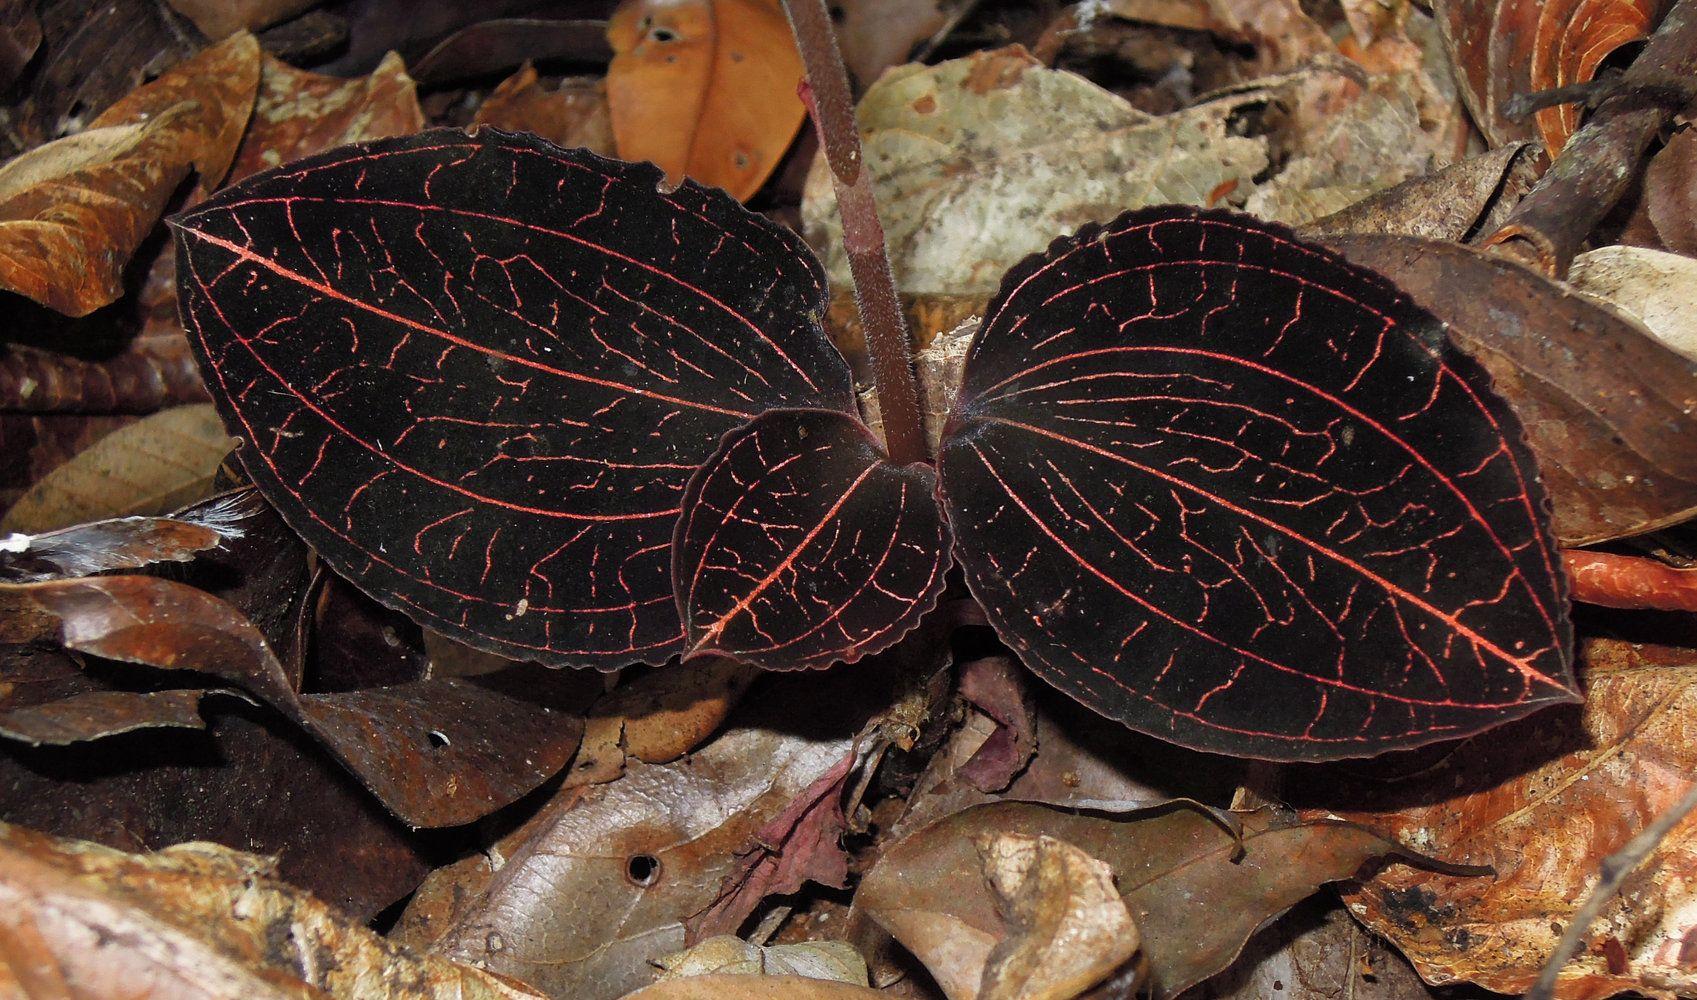 Anoectochilus albolineatus